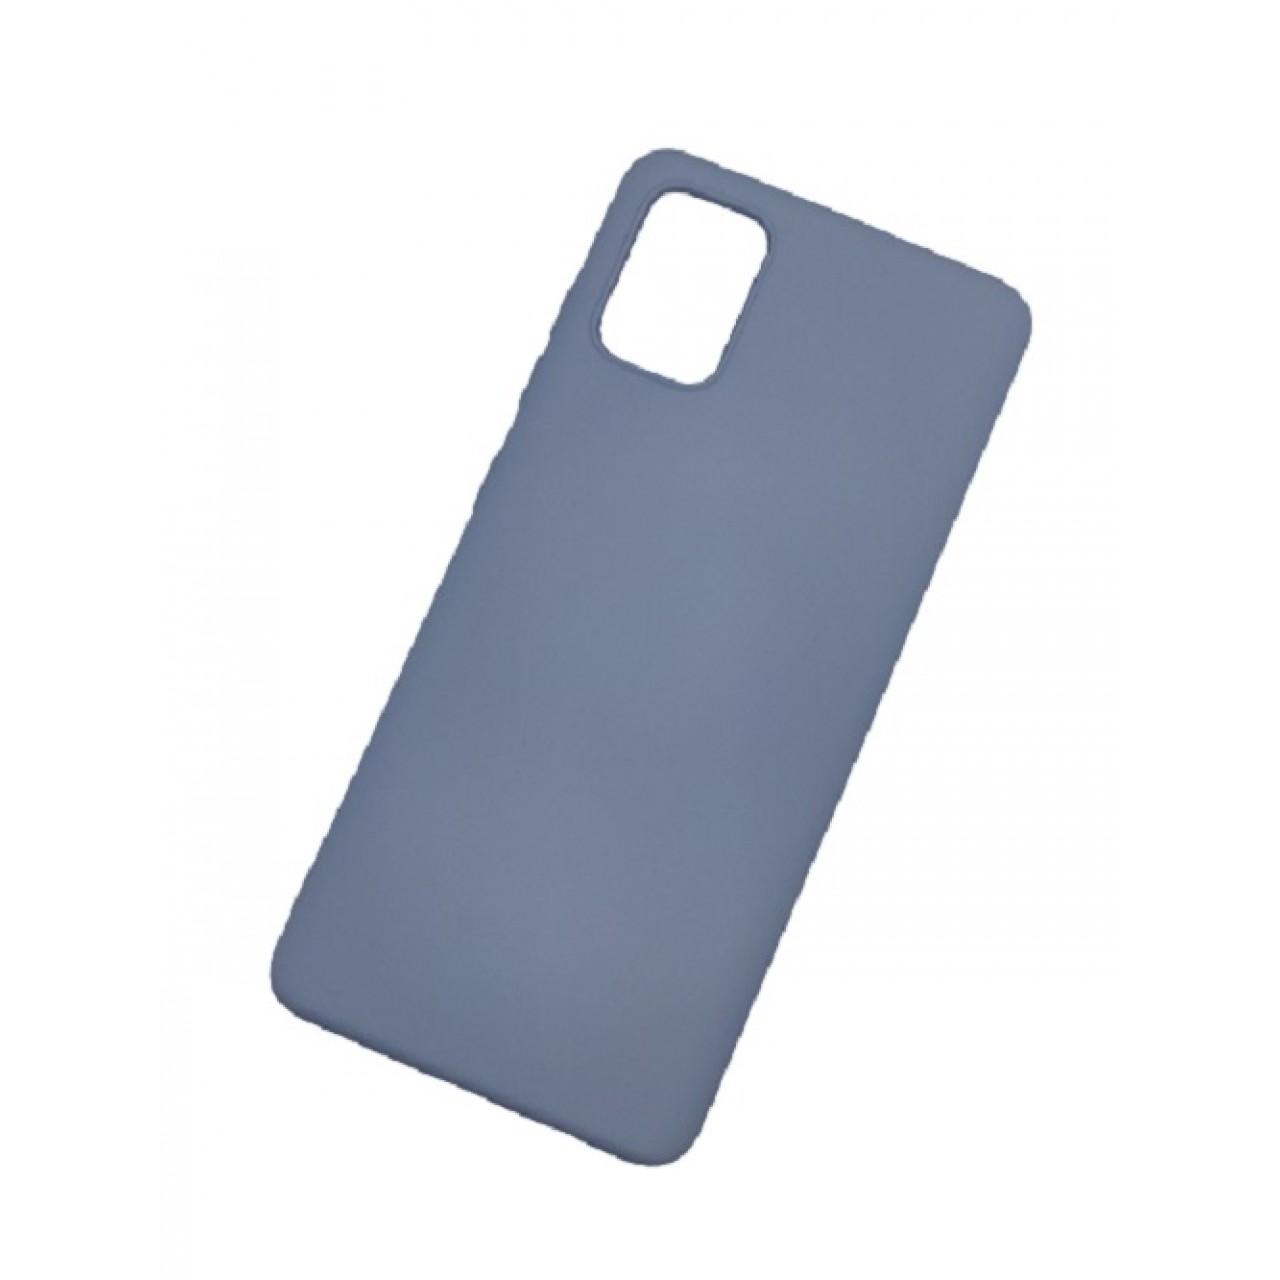 ΘΗΚΗ ΠΡΟΣΤΑΣΙΑΣ ΣΙΛΙΚΟΝΗΣ ΓΙΑ Samsung A71 ΜΠΛΕ ΓΚΡΙ - BACK COVER SILICONE CASE BLUE GREY - OEM